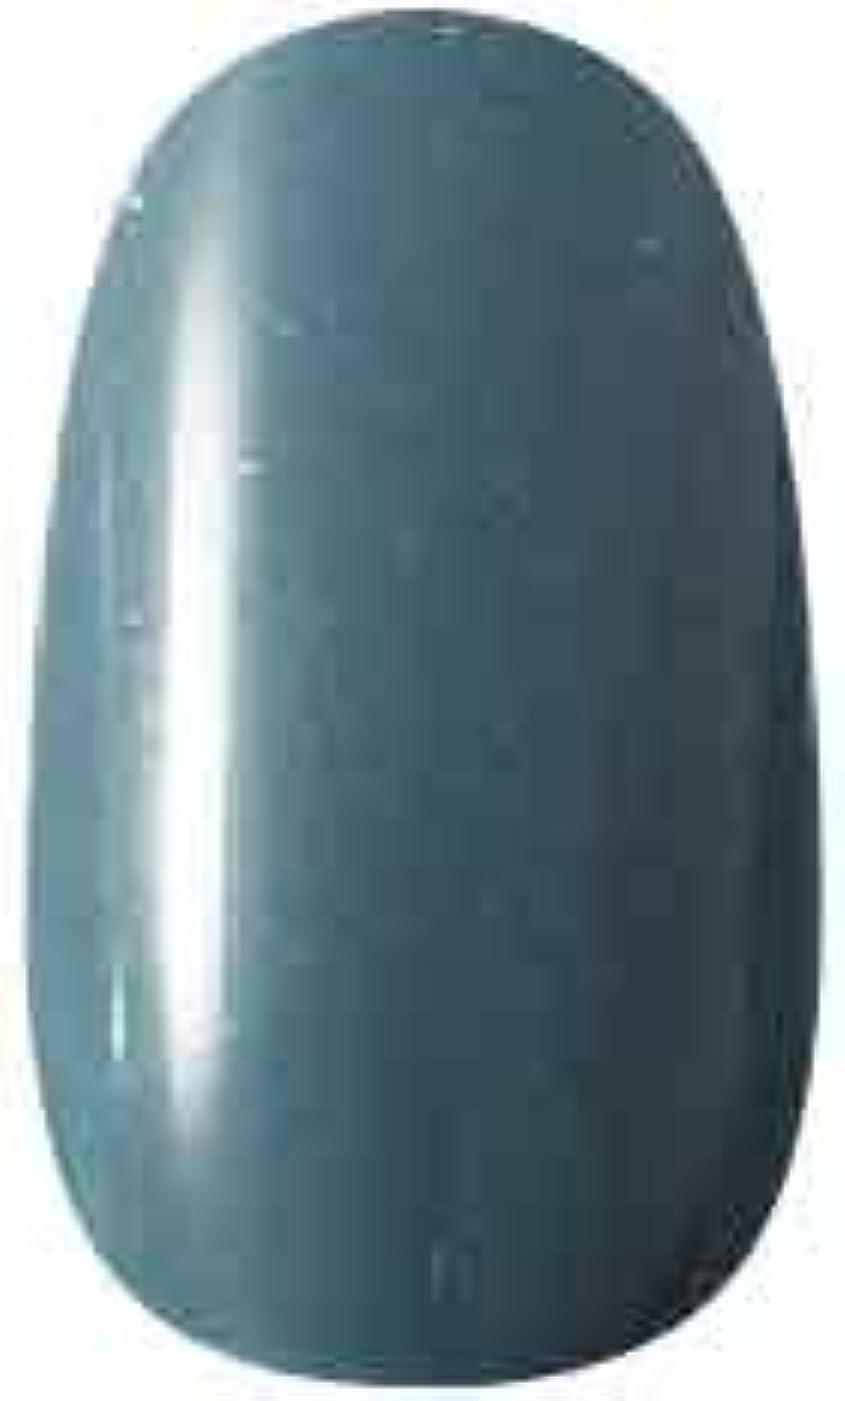 疾患急速なフラスコラク カラージェル(79-ソウシネーズ) 8g 今話題のラクジェル 素早く仕上カラージェル 抜群の発色とツヤ 国産ポリッシュタイプ オールインワン ワンステップジェルネイル RAKU COLOR GEL #79